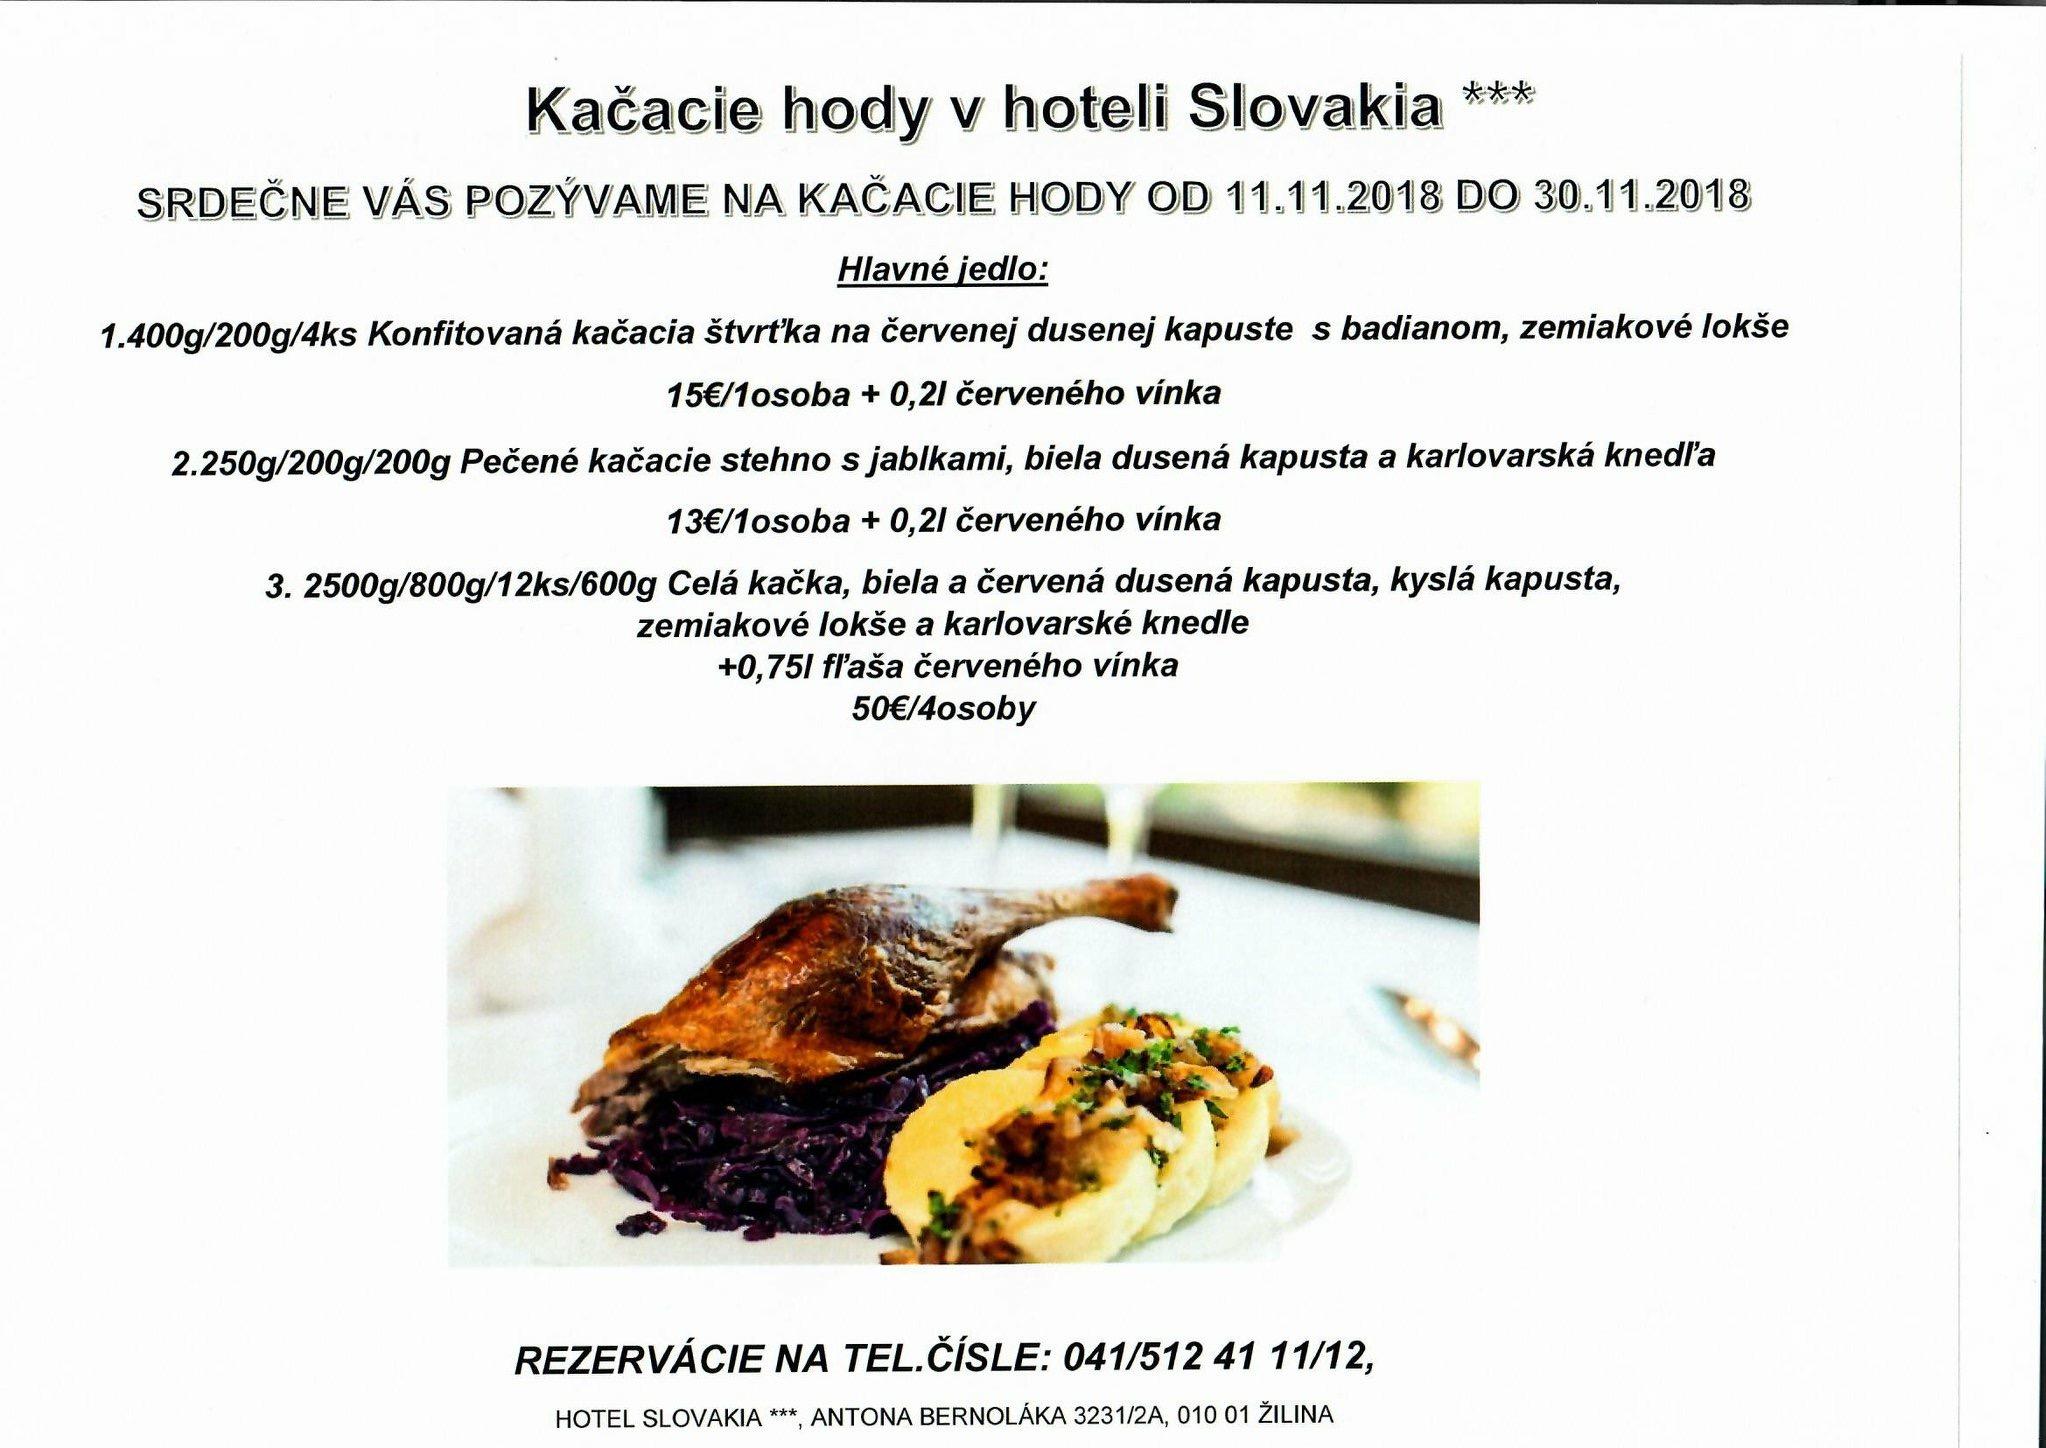 Kačacie hody v Hoteli Slovakia